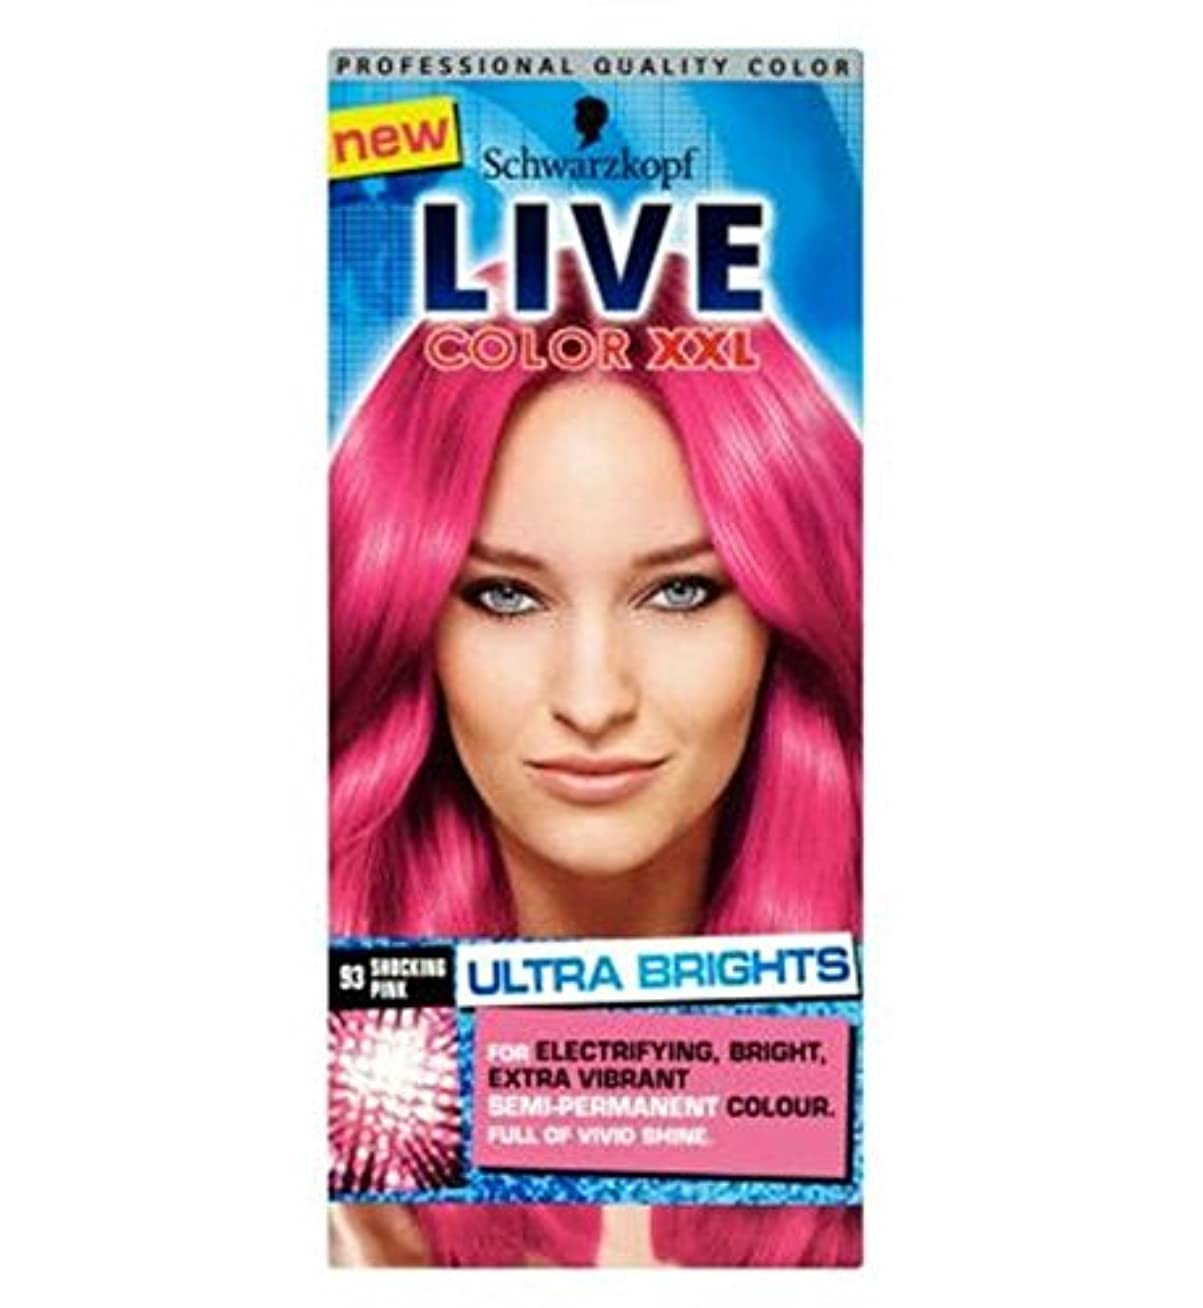 先例鉱石謝るSchwarzkopf LIVE Color XXL Ultra Brights 93 Shocking Pink Semi-Permanent Pink Hair Dye - シュワルツコフライブカラーXxl超輝93ショッキングピンク...